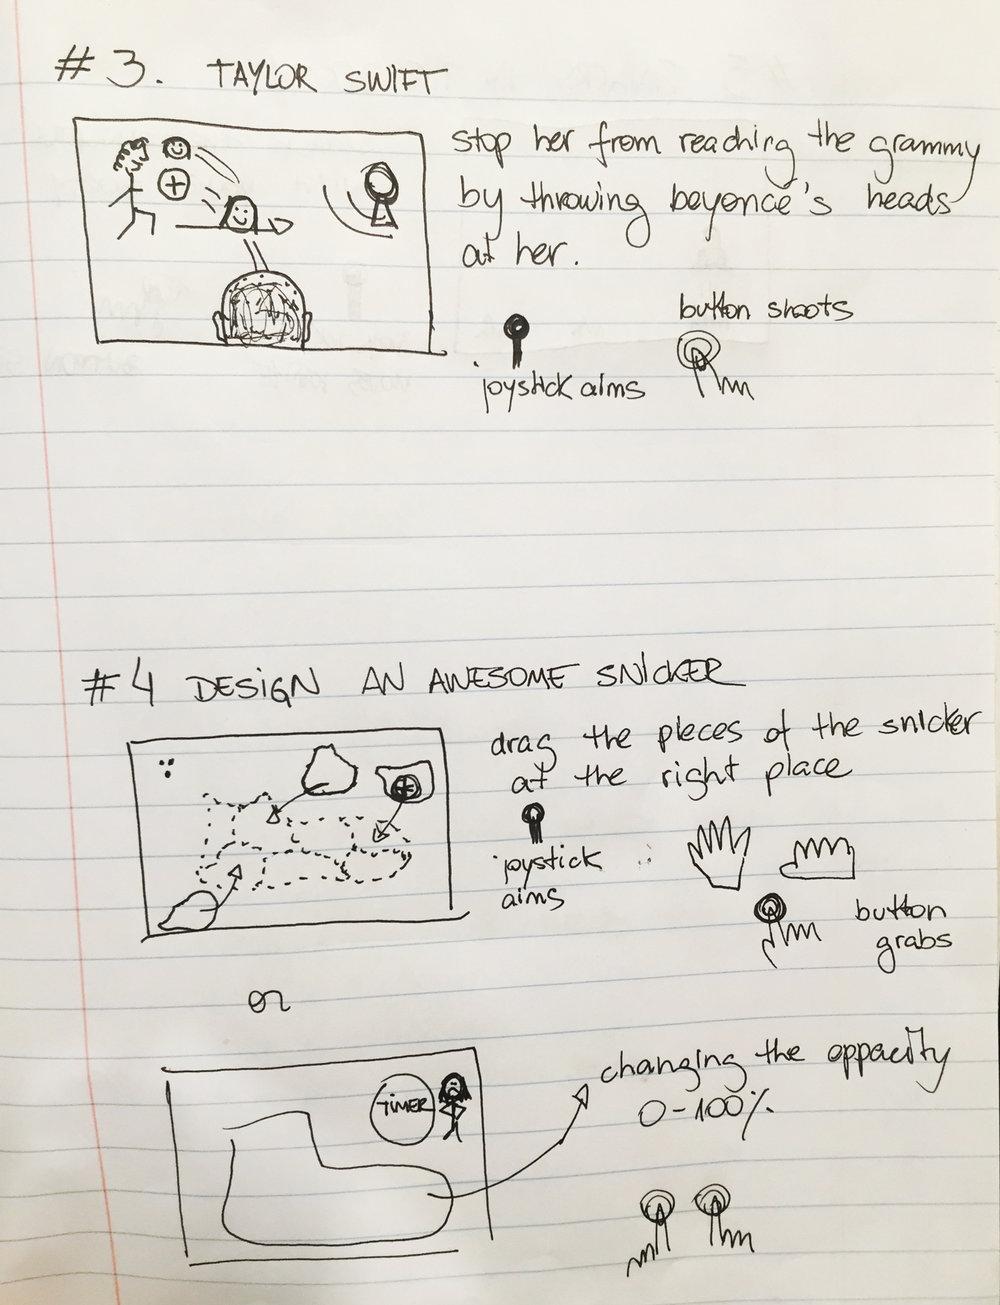 minigames2.jpg